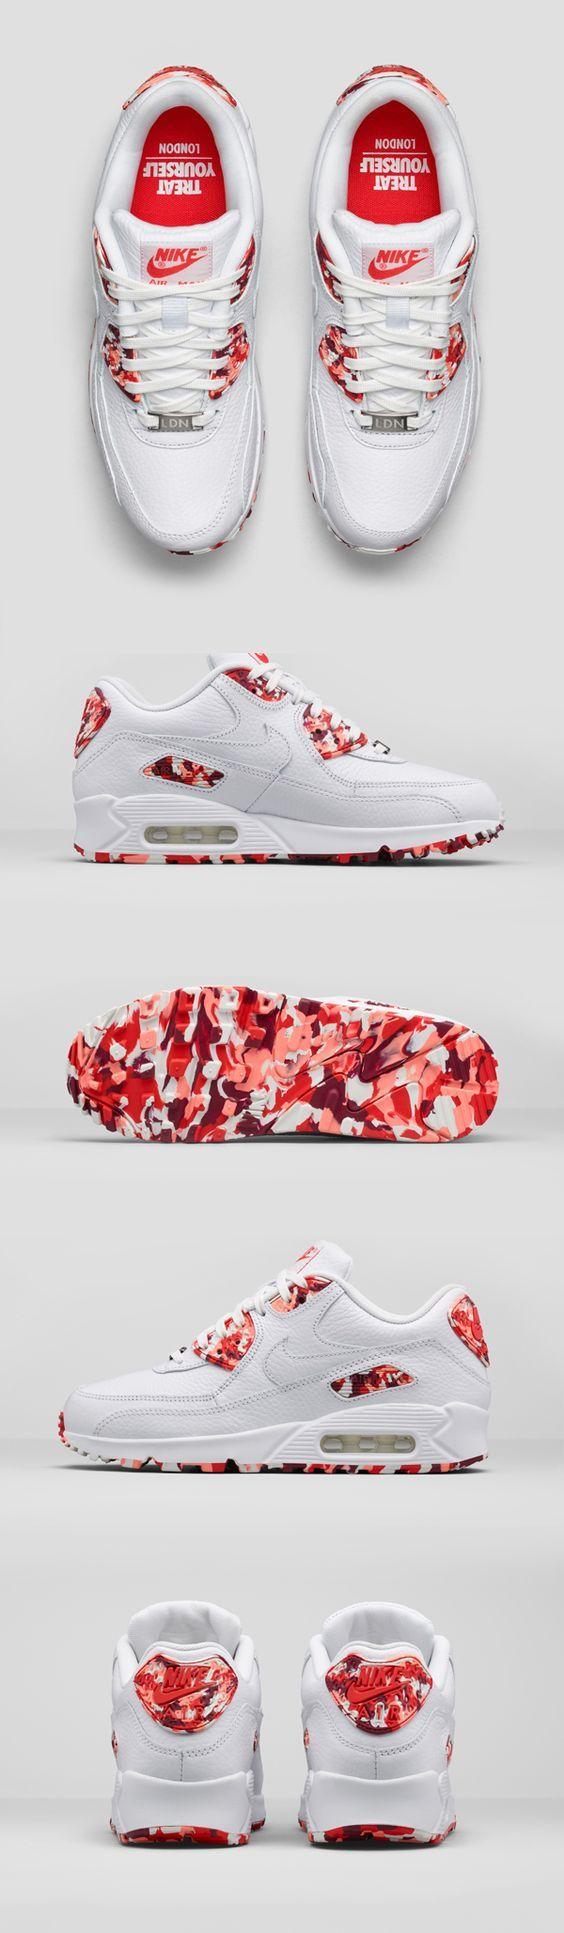 zeer beatyful nike air max 90 schoenen, goedkoopste prijs fashion stijl, als ik het zo veel